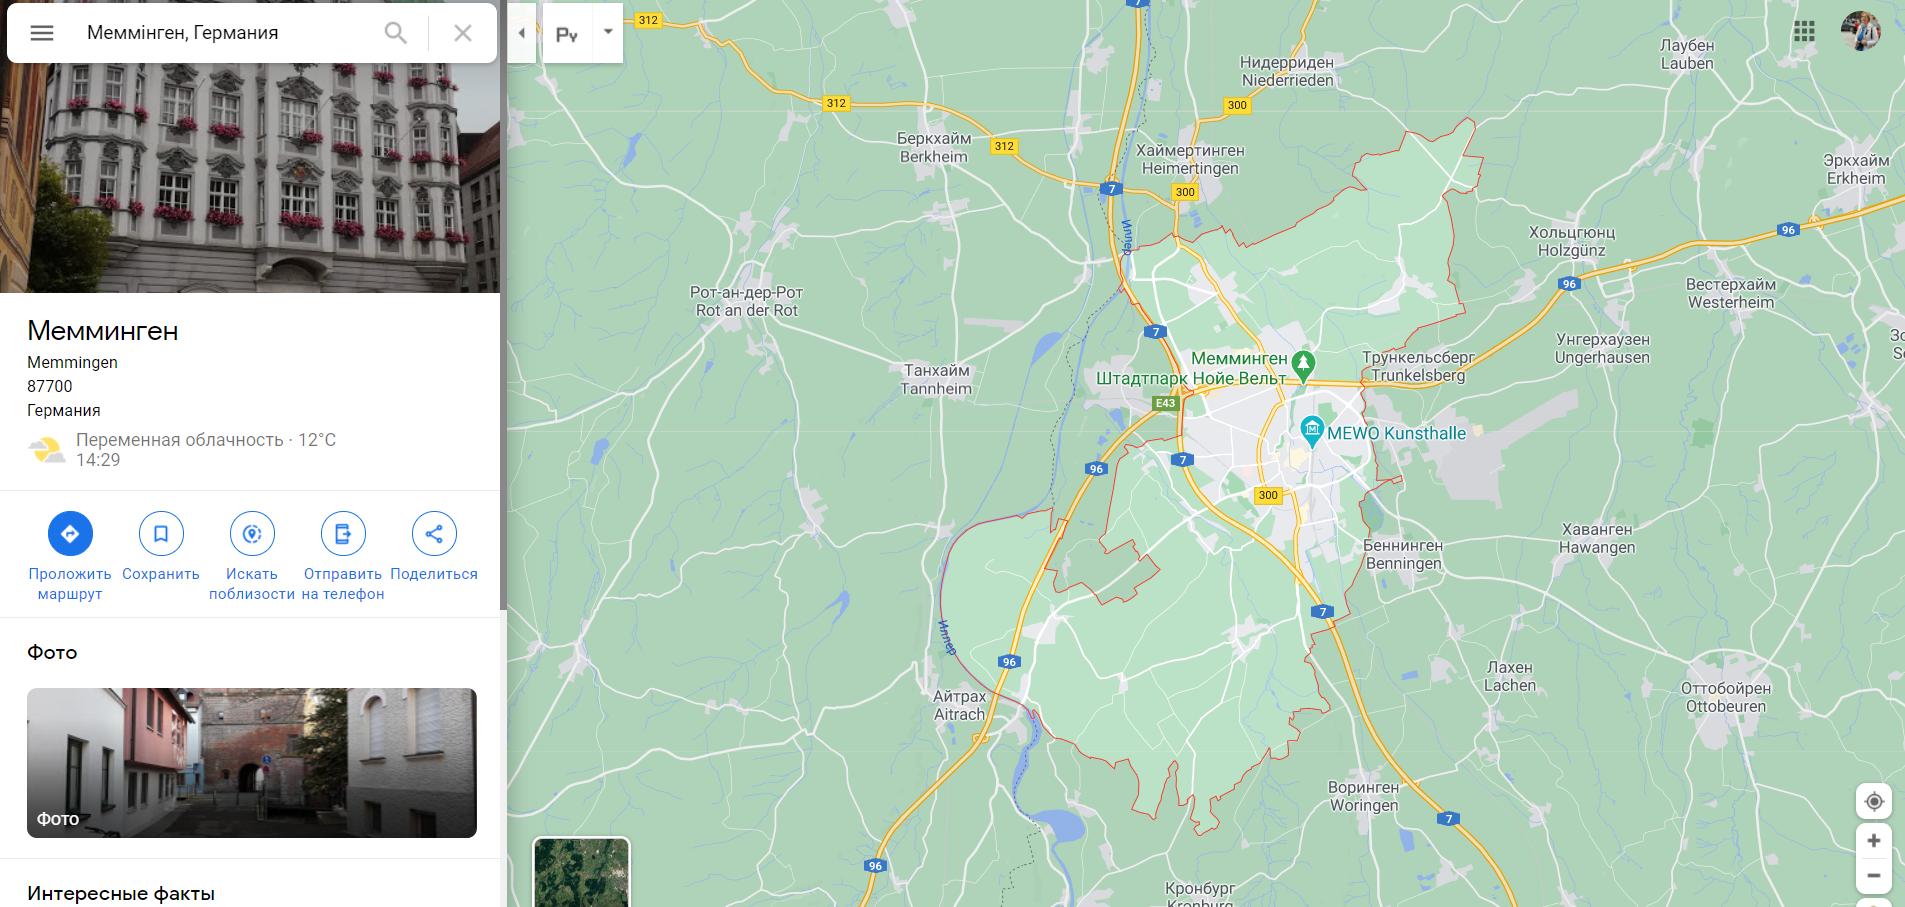 Меммінген на мапі Німеччини